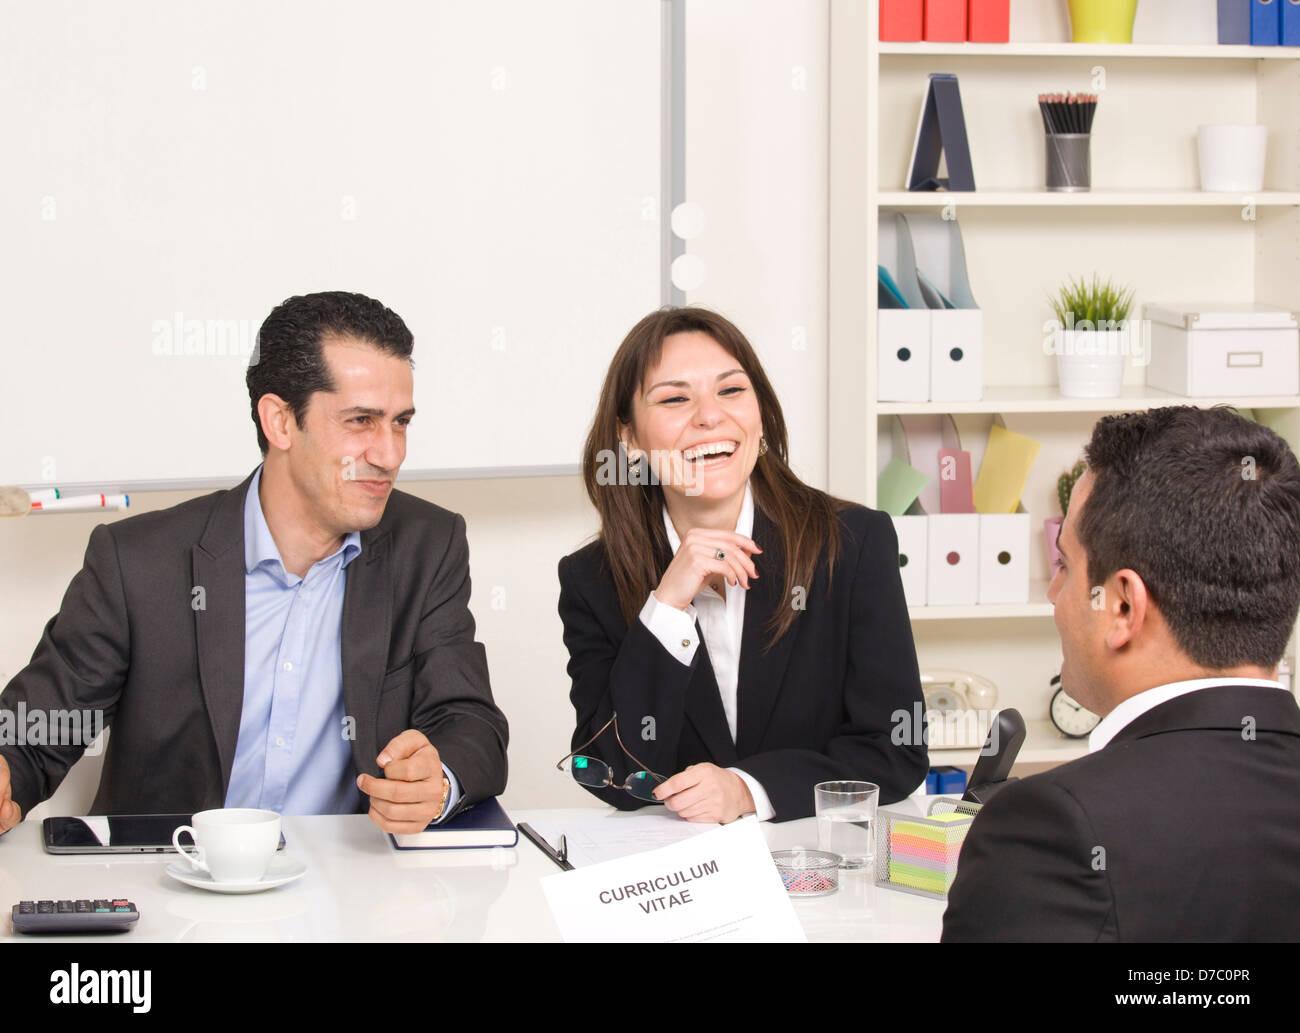 Entretien d'embauche Photo Stock